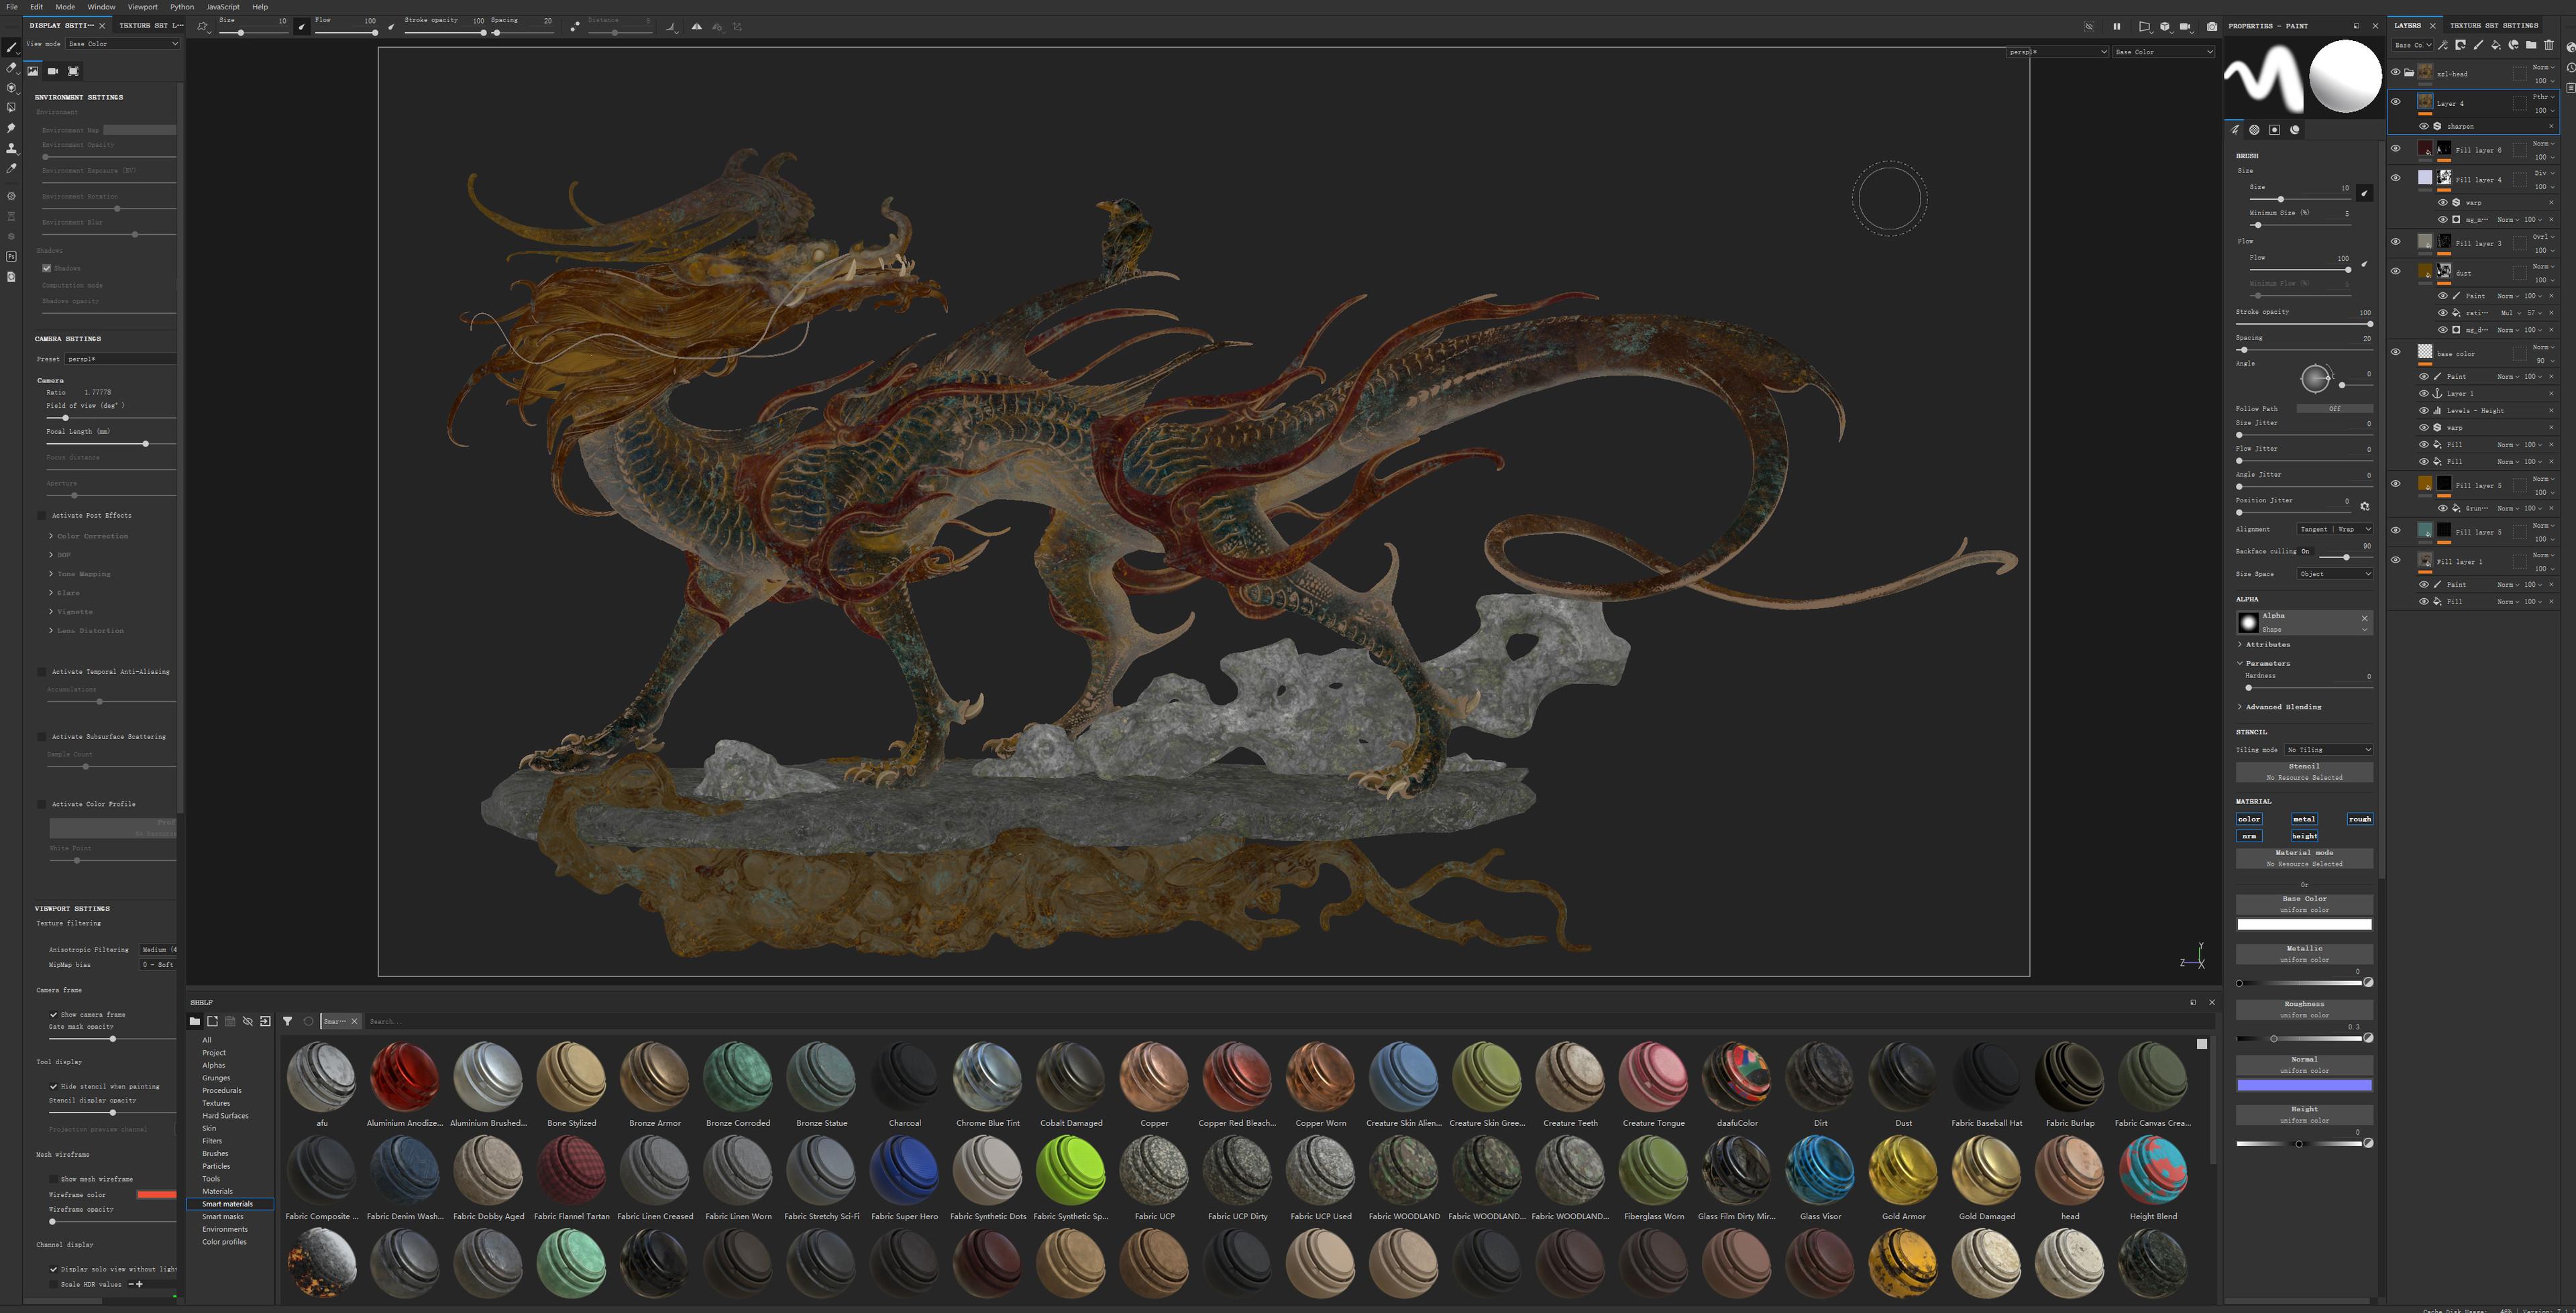 Screenshot in Substance Painter